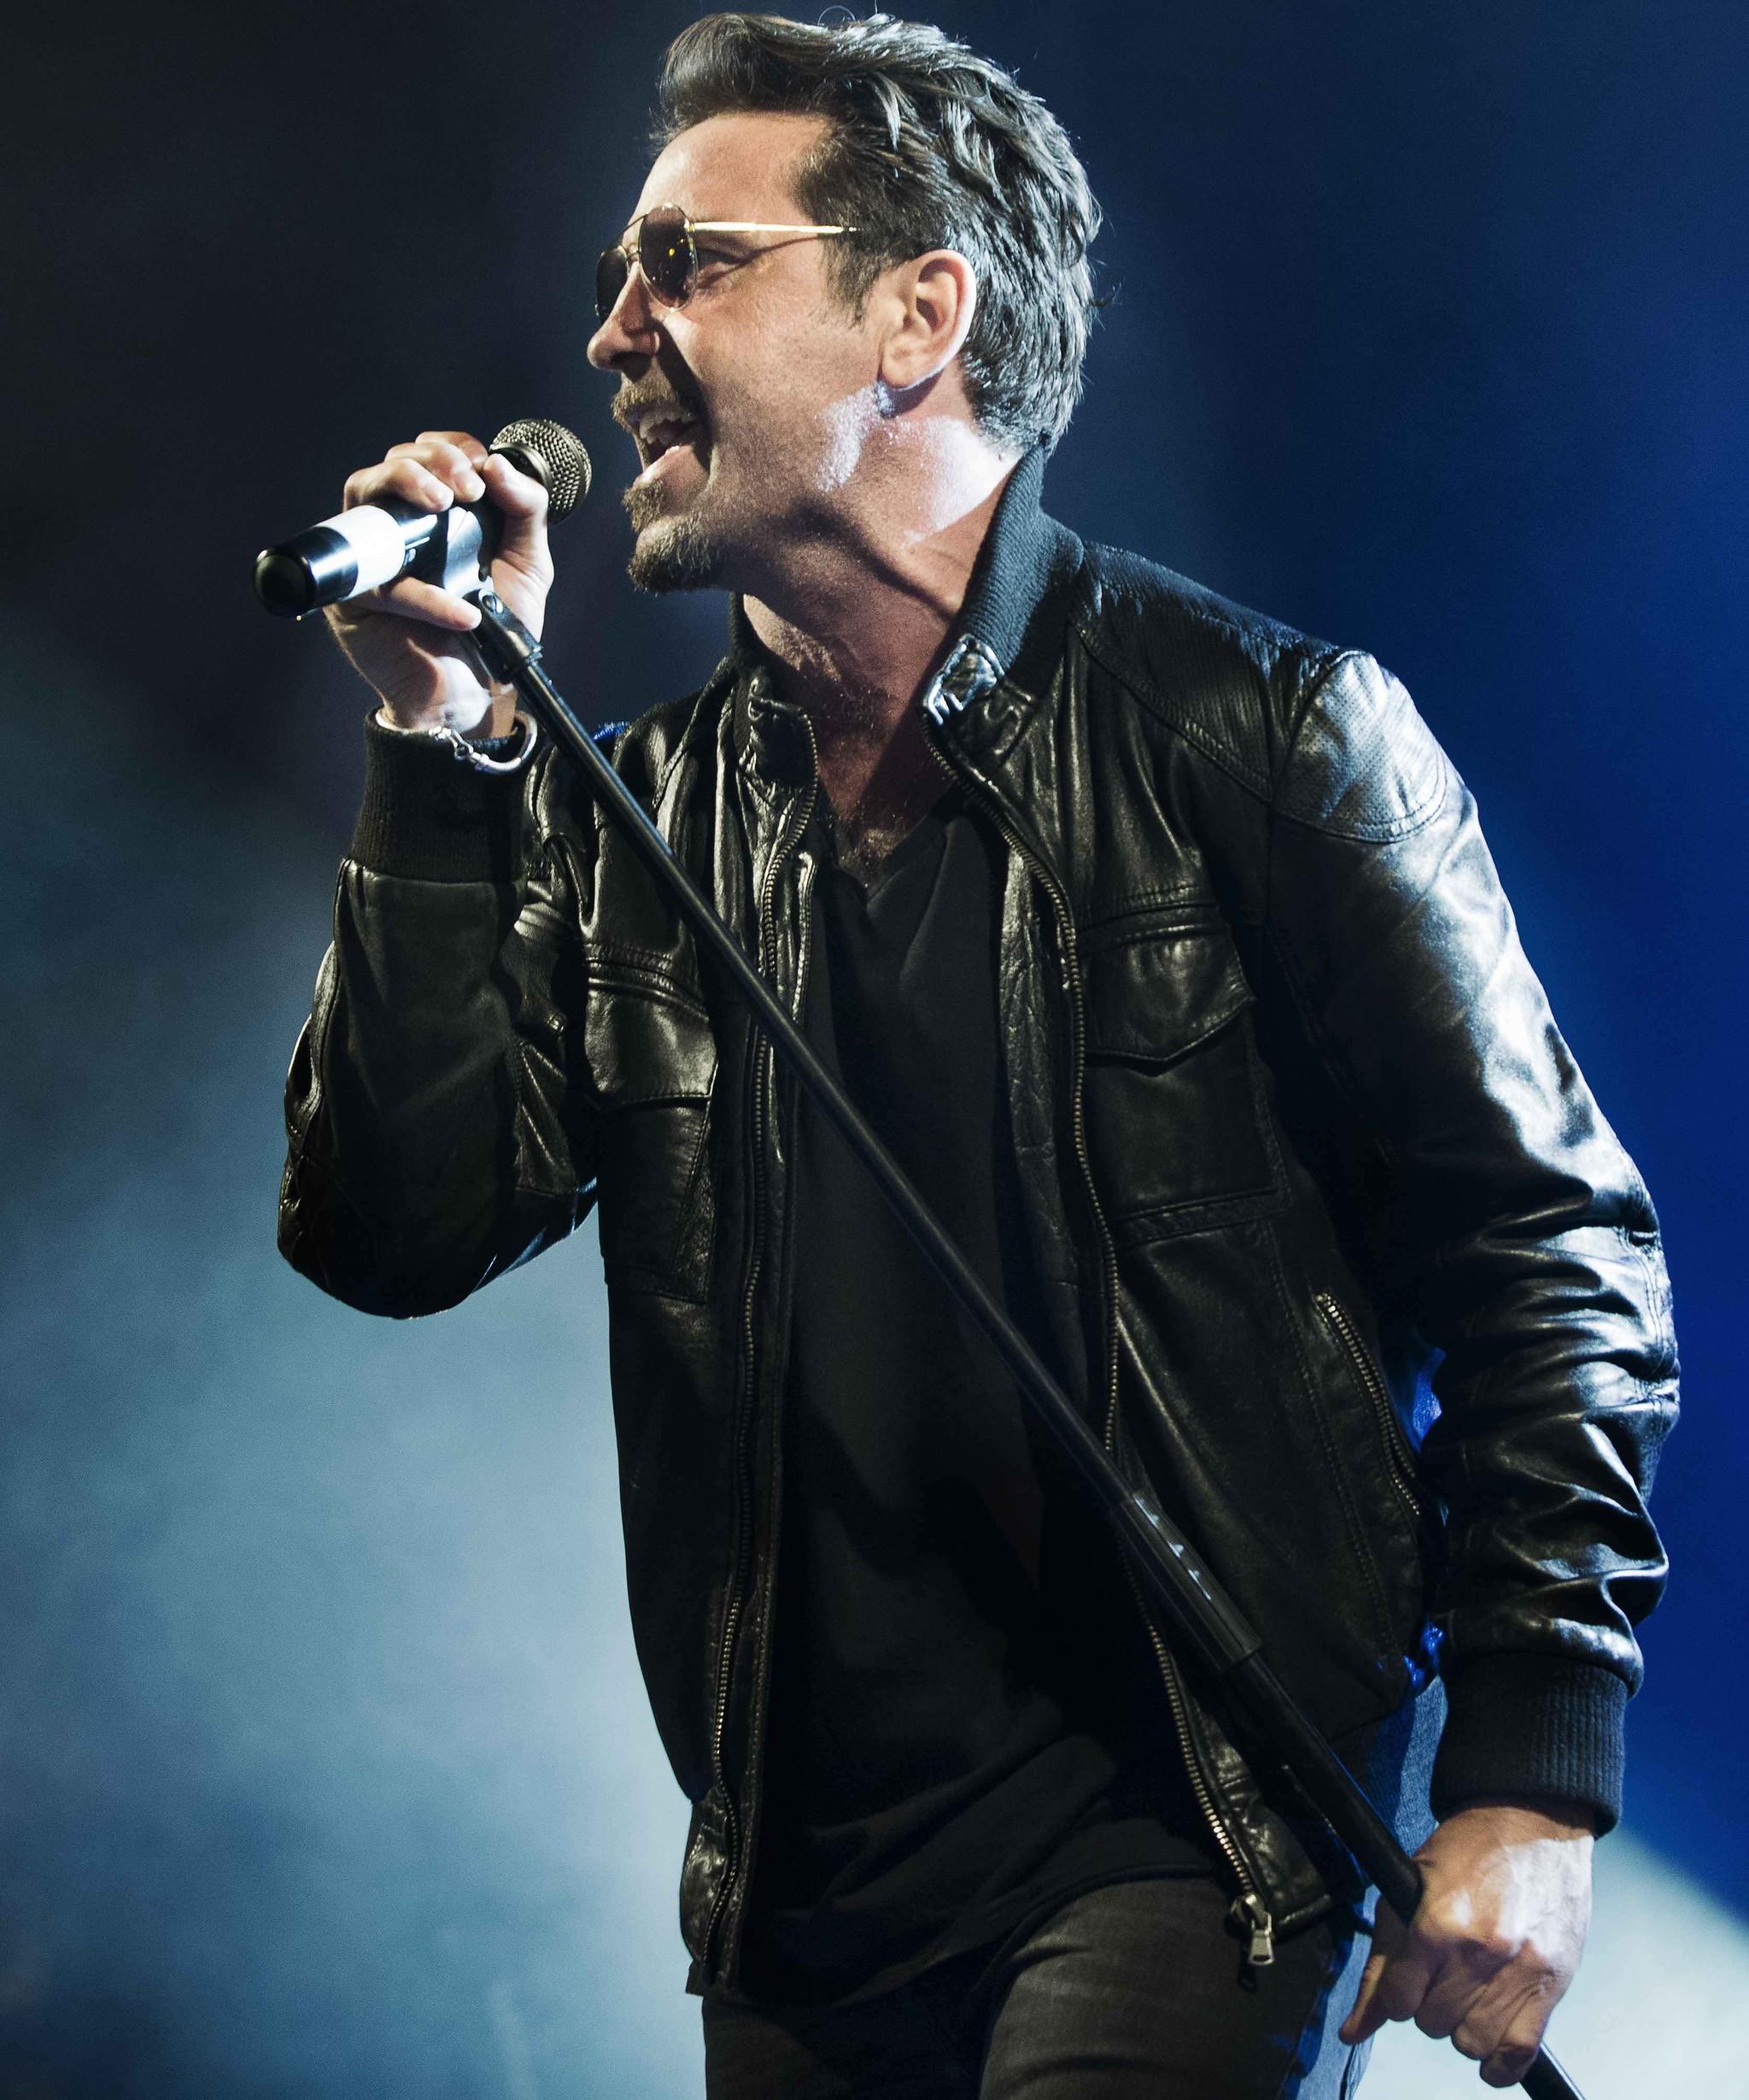 Jordi Sánchez, cantante de OBK, en una imagen cedida por el artista.